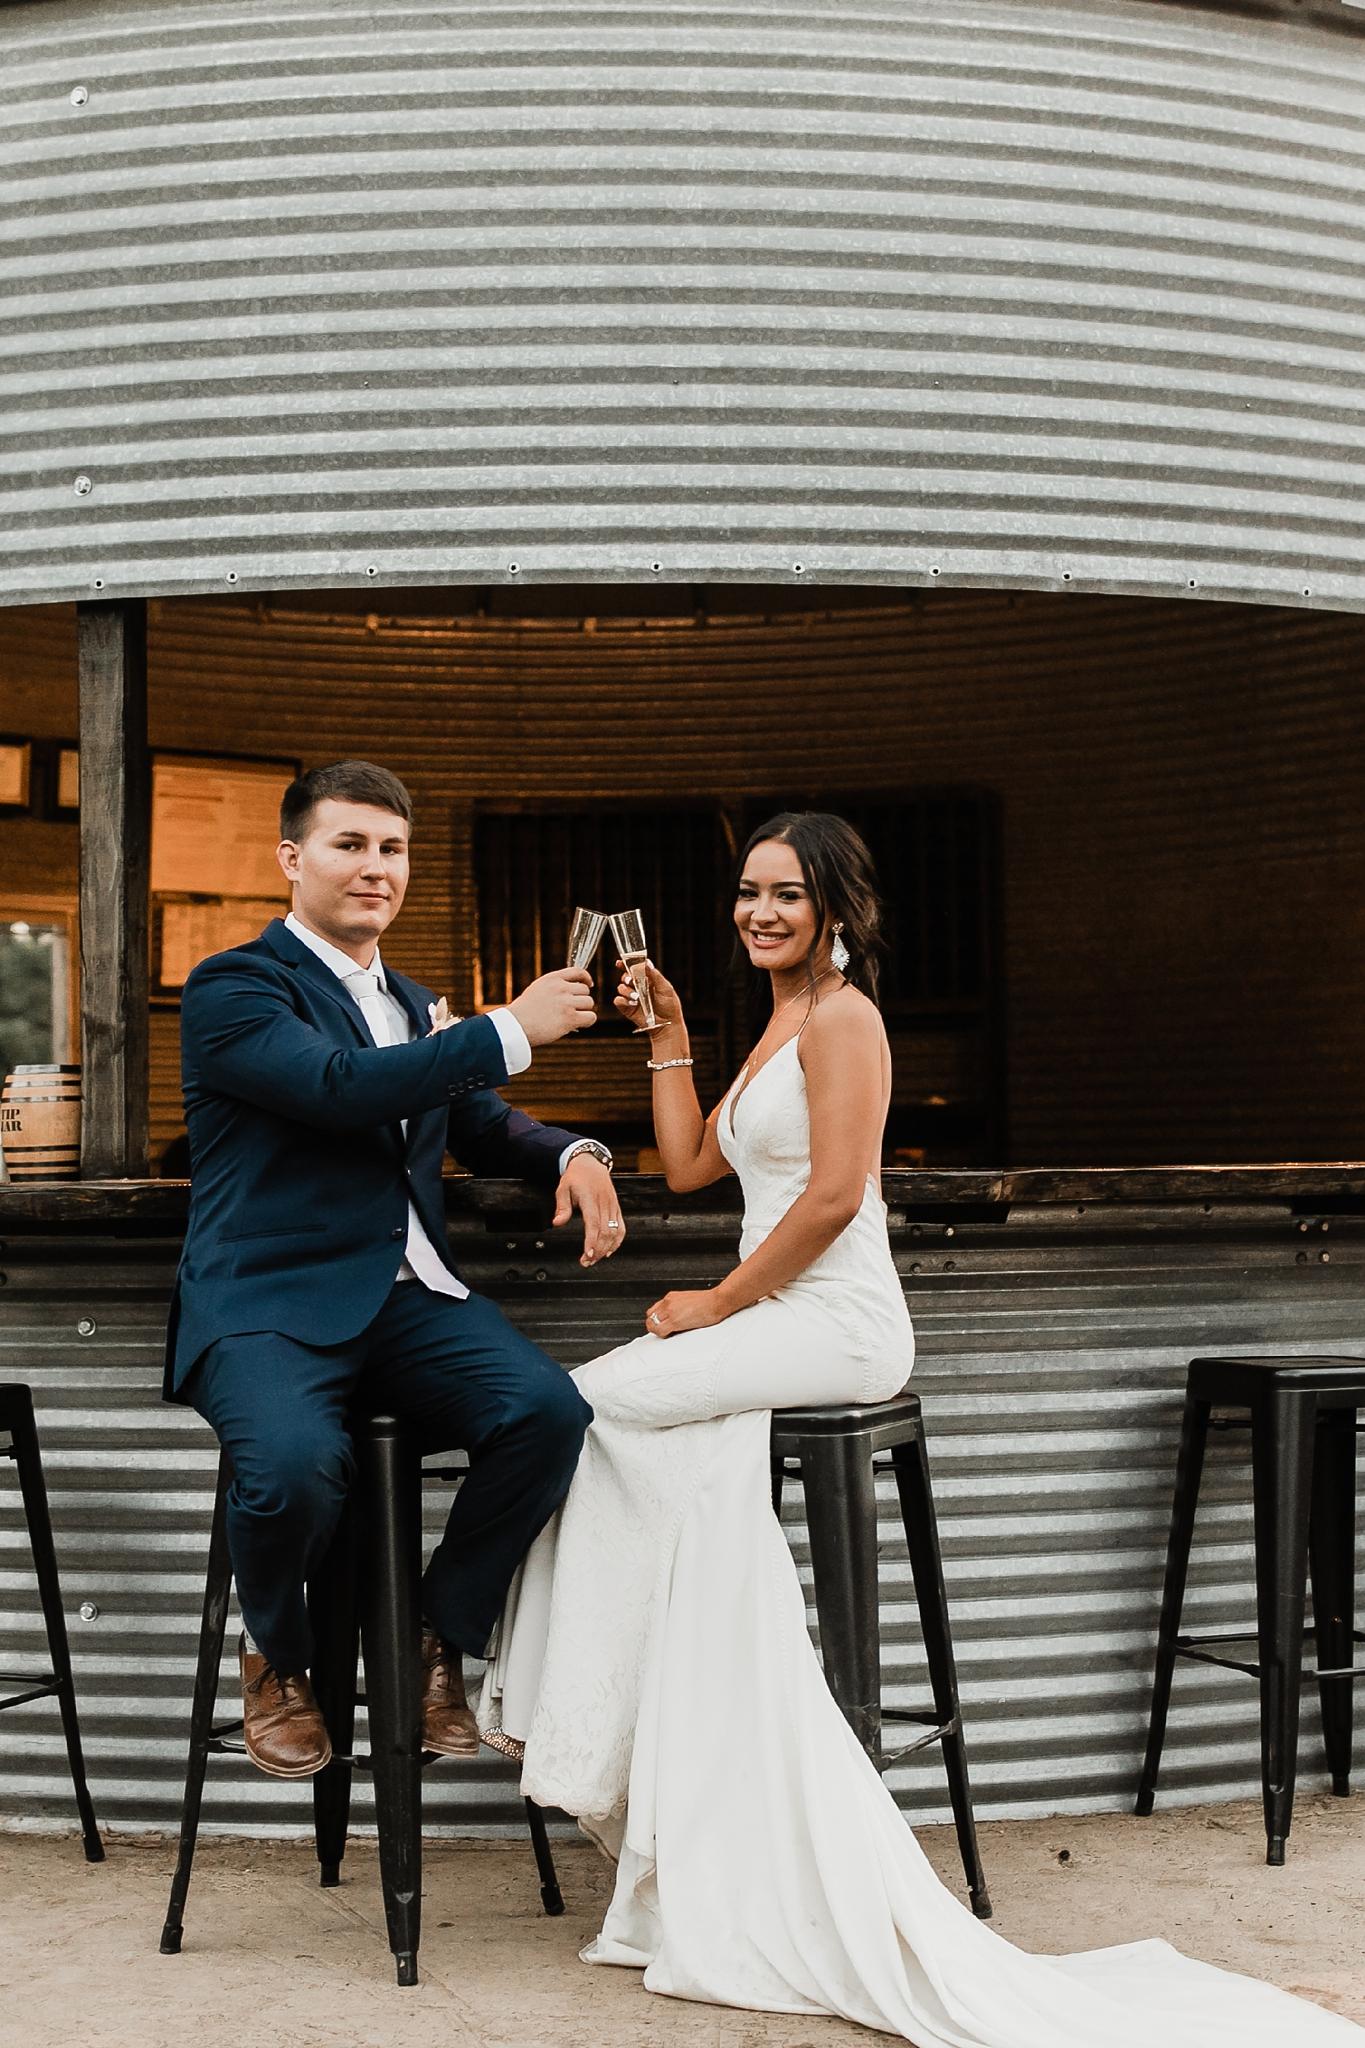 Alicia+lucia+photography+-+albuquerque+wedding+photographer+-+santa+fe+wedding+photography+-+new+mexico+wedding+photographer+-+new+mexico+wedding+-+new+mexico+wedding+-+barn+wedding+-+enchanted+vine+barn+wedding+-+ruidoso+wedding_0157.jpg